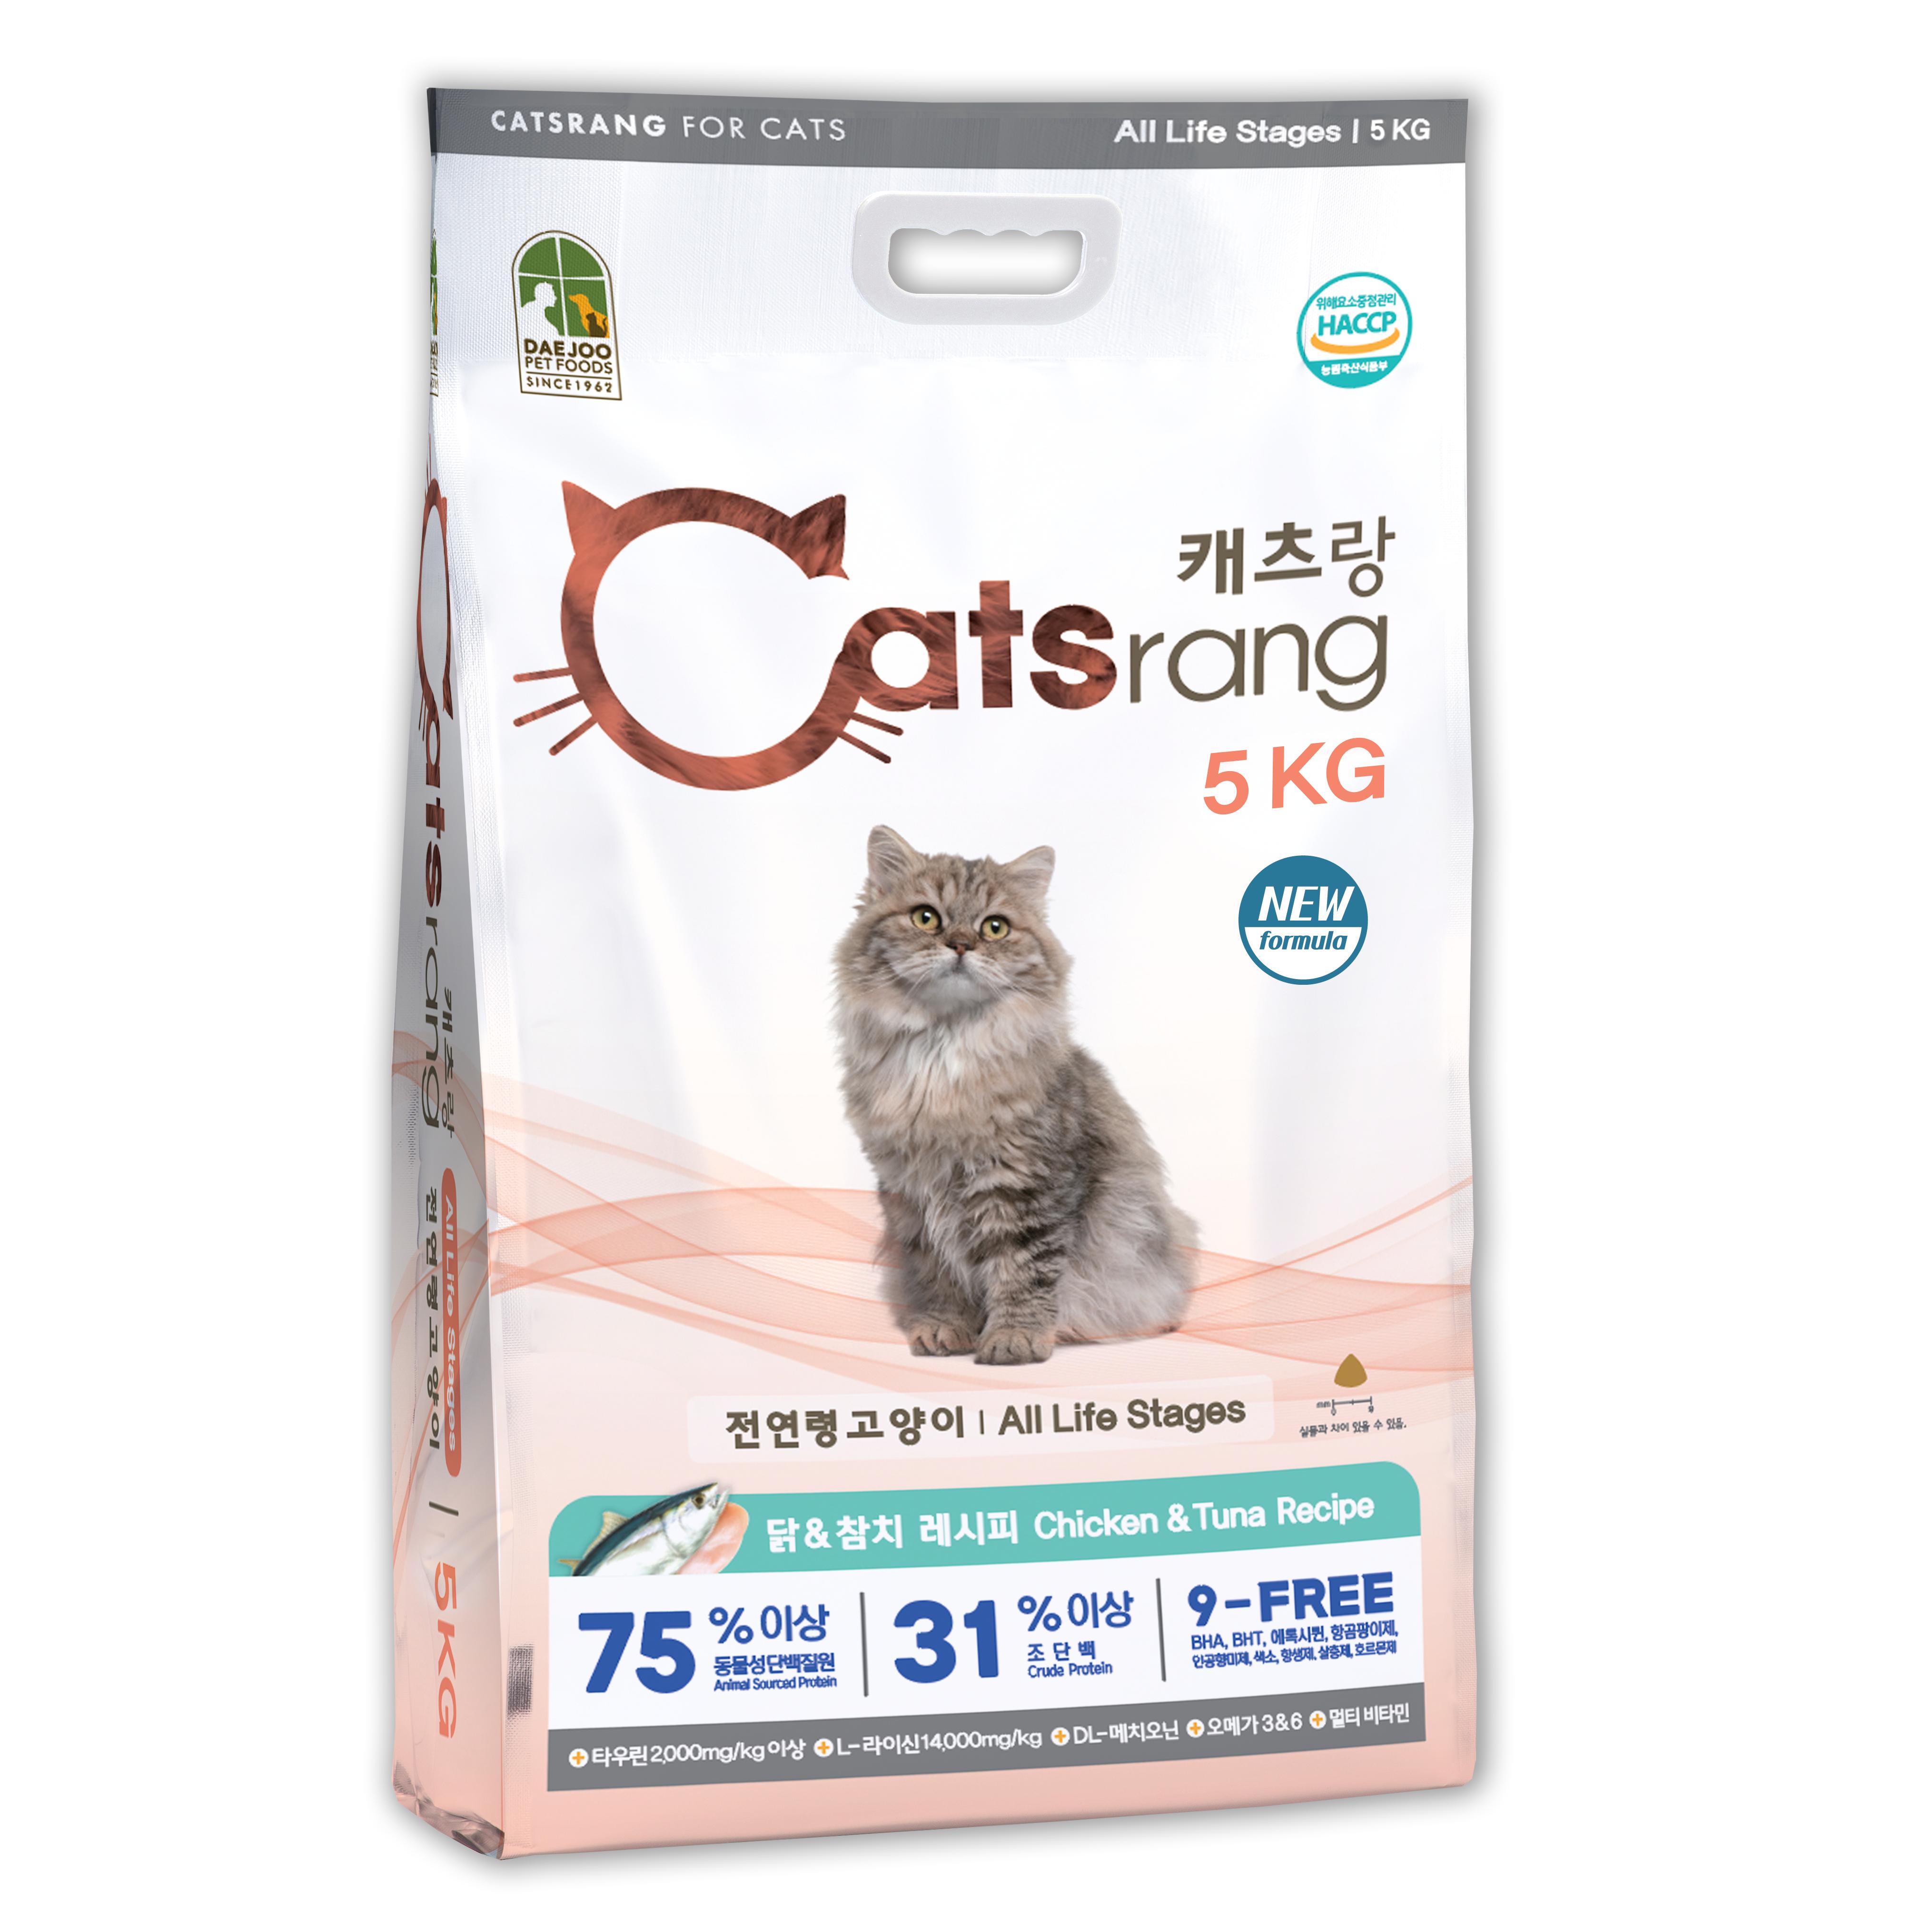 캐츠랑 NEW 전연령 올라이프 고양이 건식사료, 닭 + 참치, 5kg